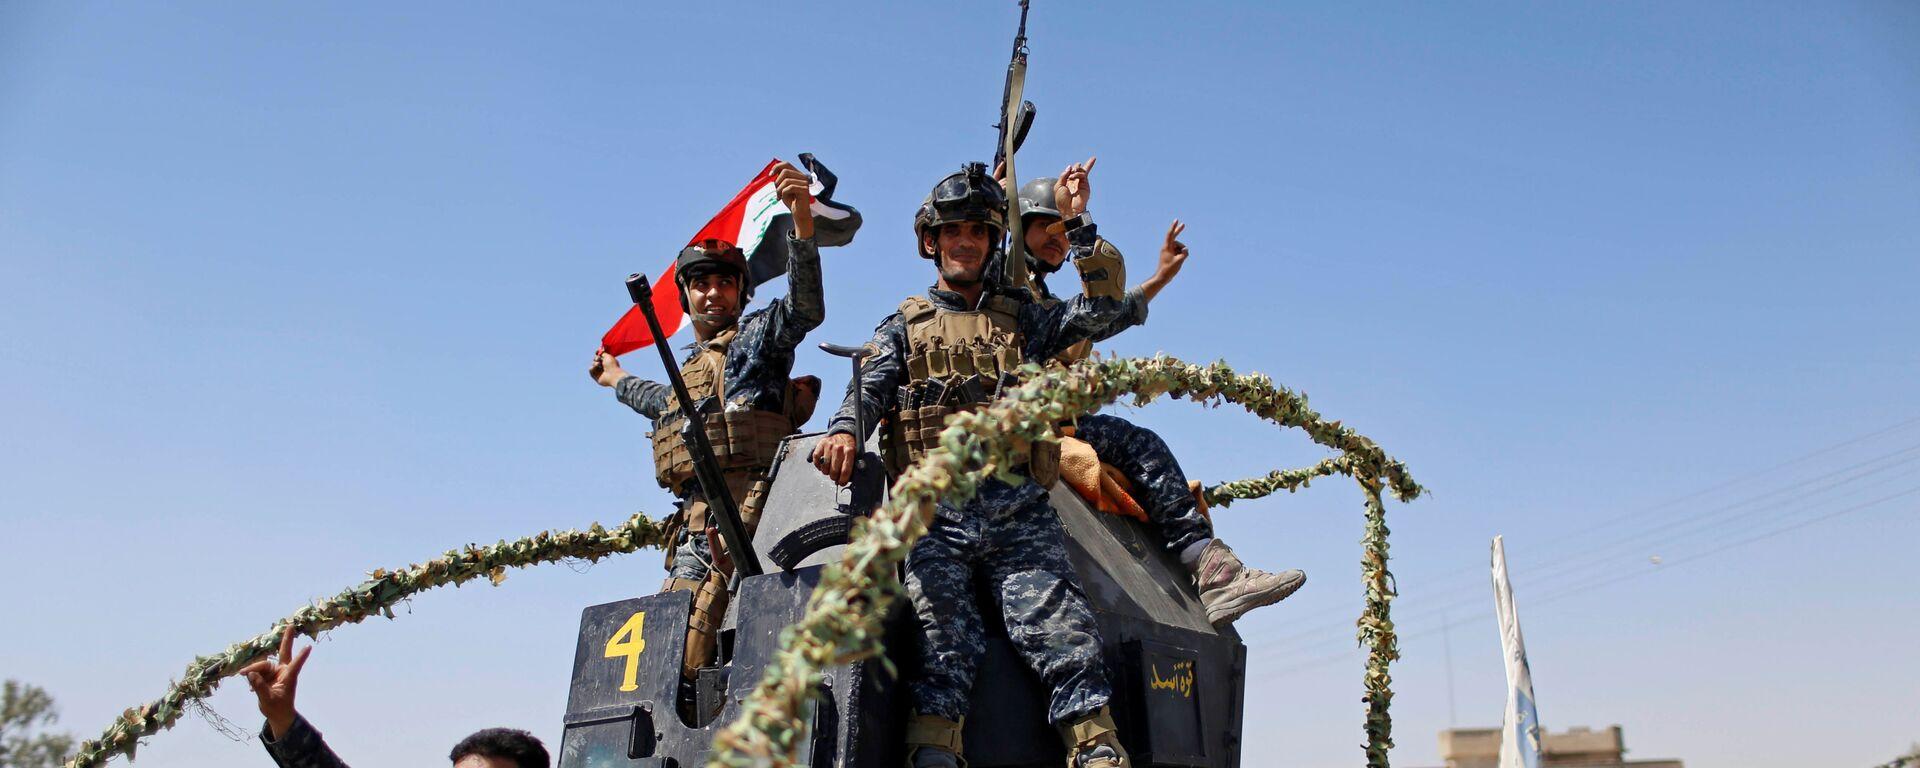 Los militares iraquíes celebran la liberación de la Ciudad Vieja de Mosul  - Sputnik Mundo, 1920, 11.10.2021